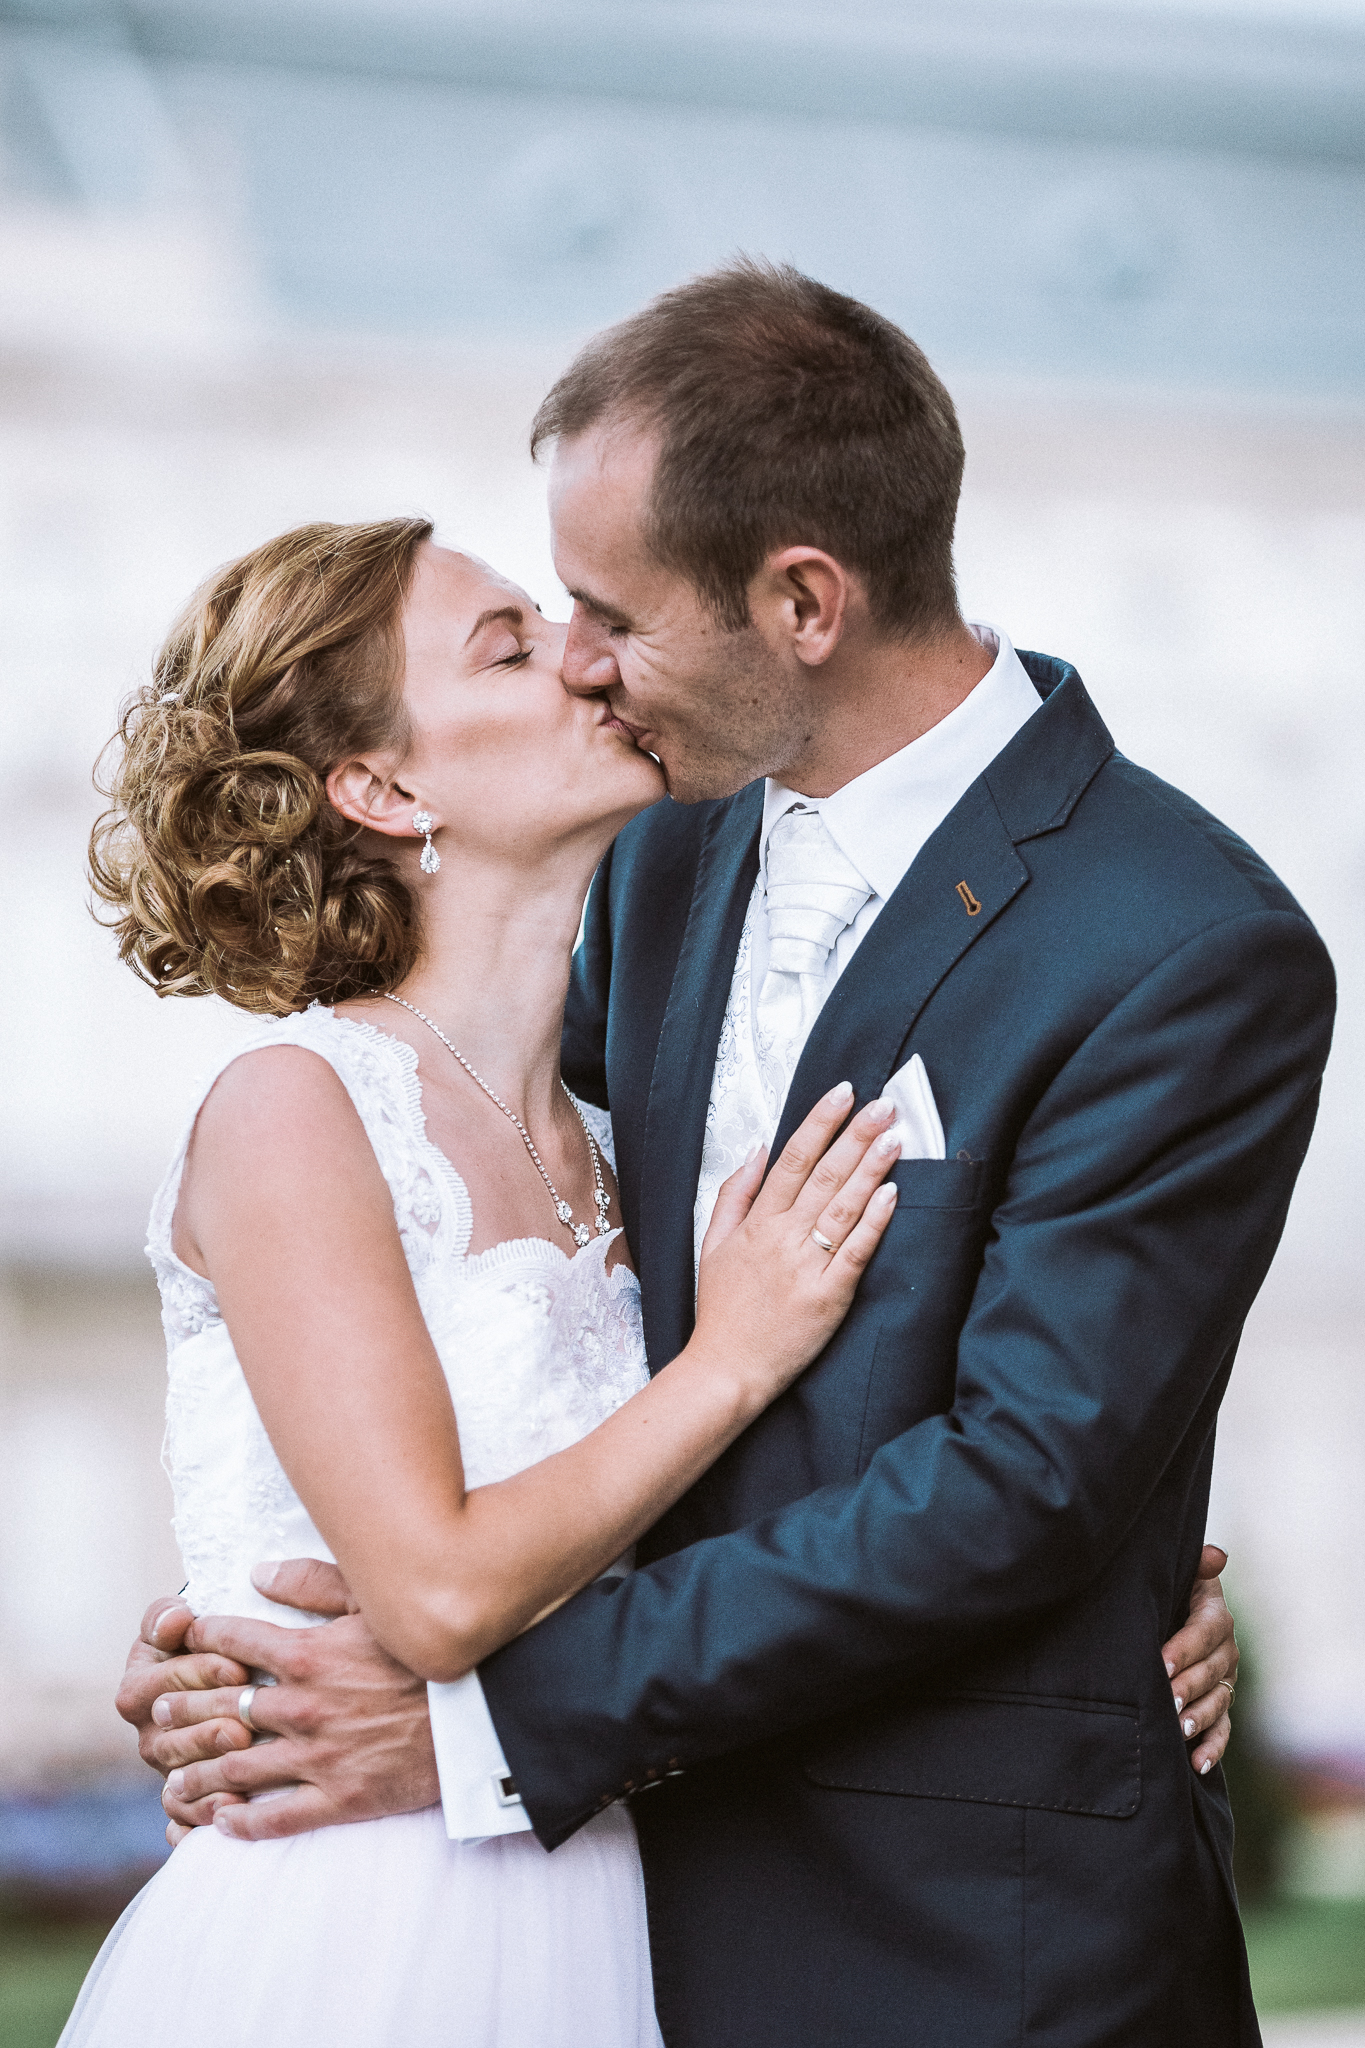 FylepPhoto, esküvőfotós, esküvői fotós Körmend, Szombathely, esküvőfotózás, magyarország, vas megye, prémium, jegyesfotózás, Fülöp Péter, körmend, kreatív, fotográfus_48-2.jpg